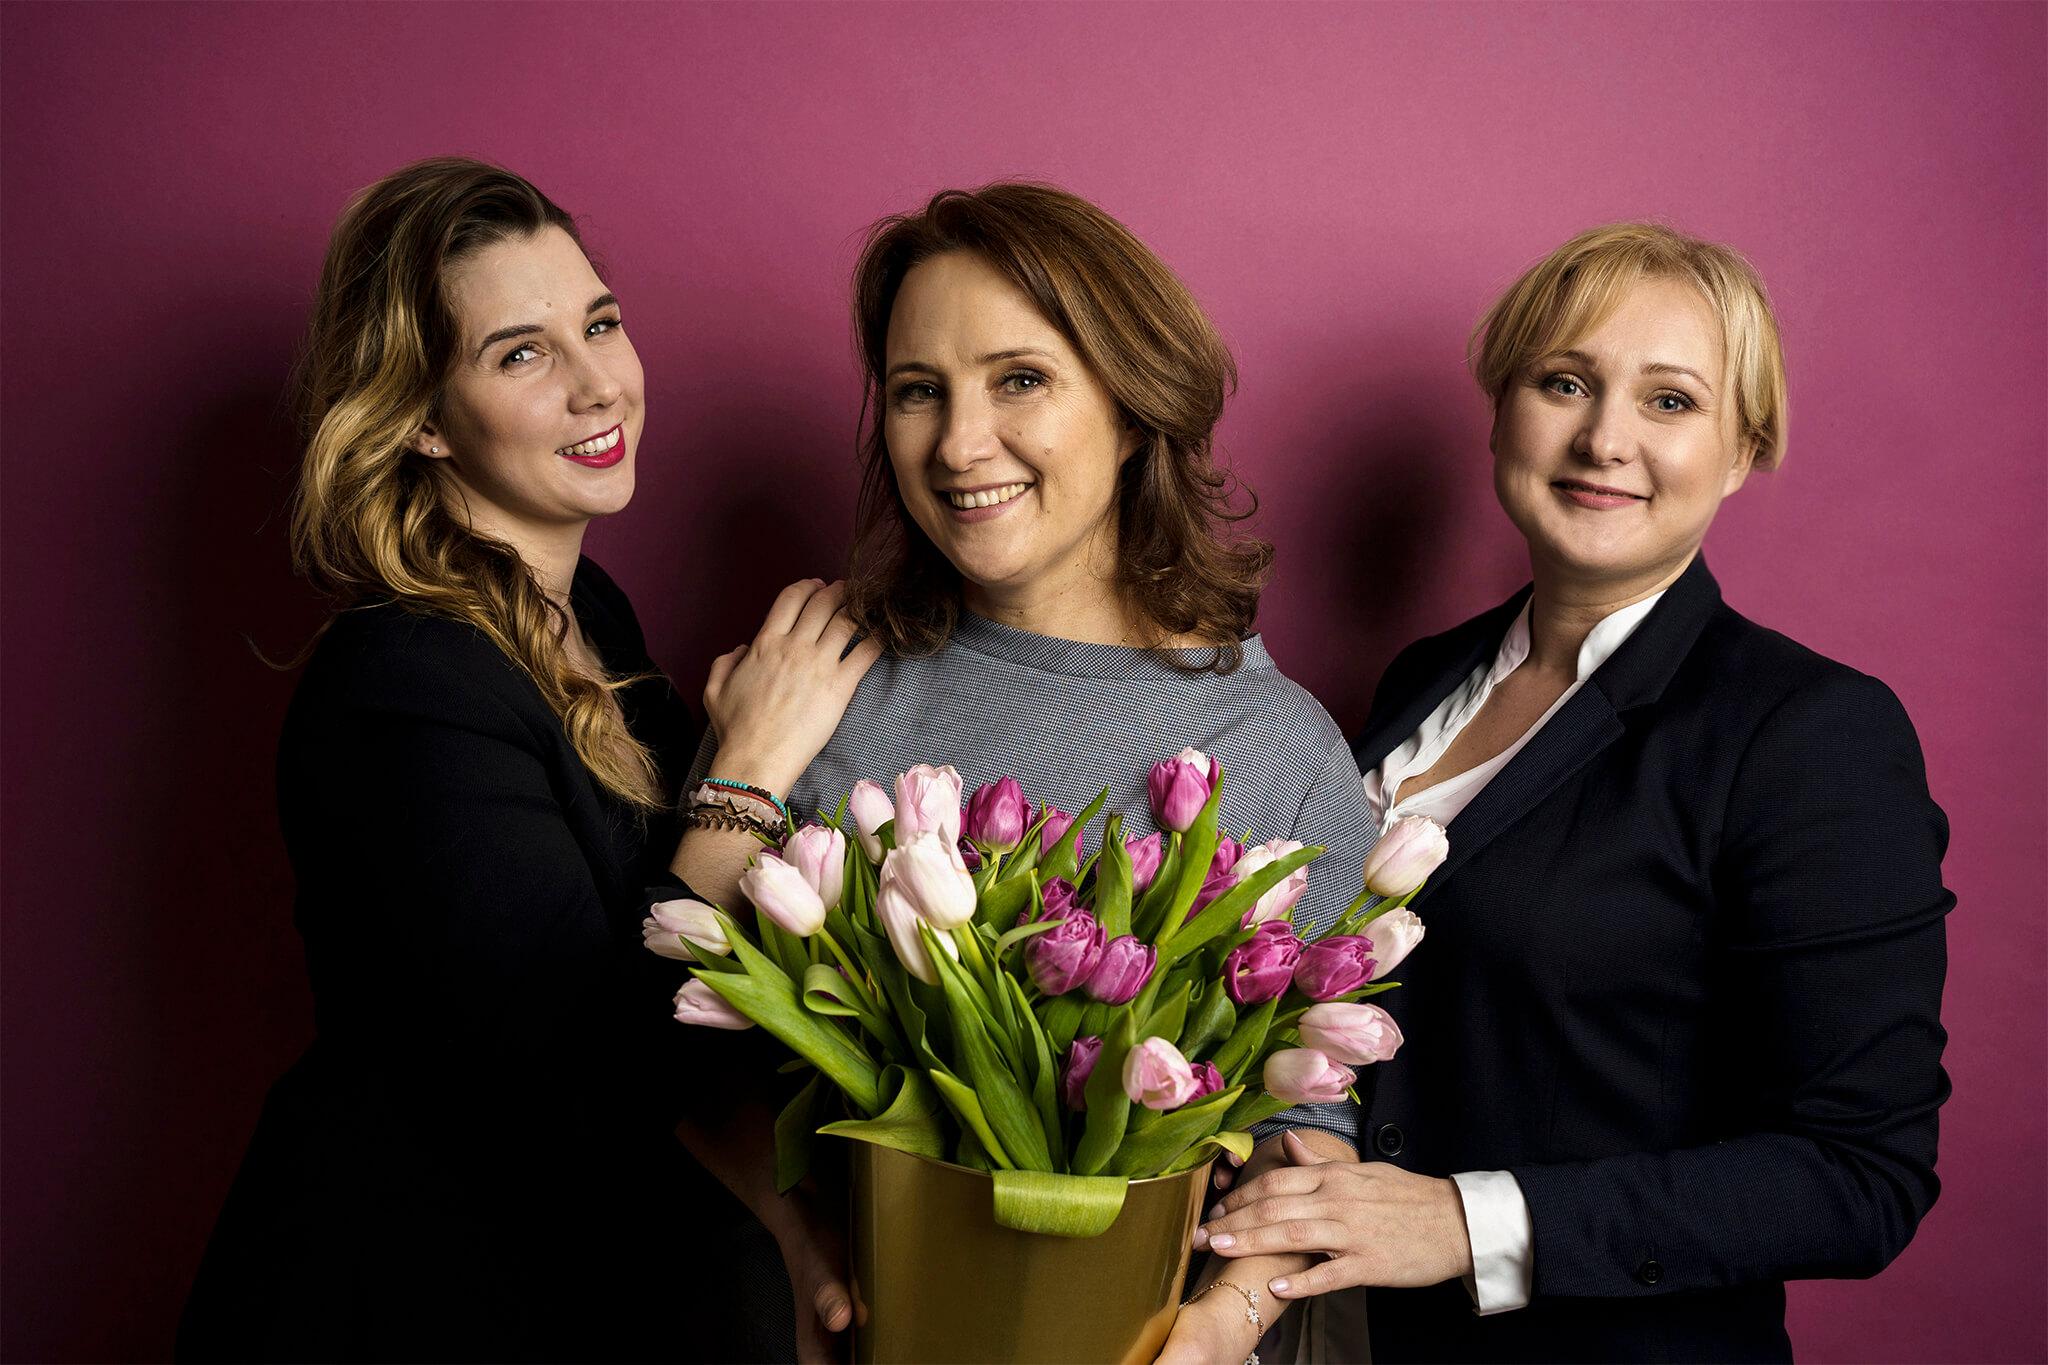 trzy kobiety na fioletowym tle z koszem tulipanów